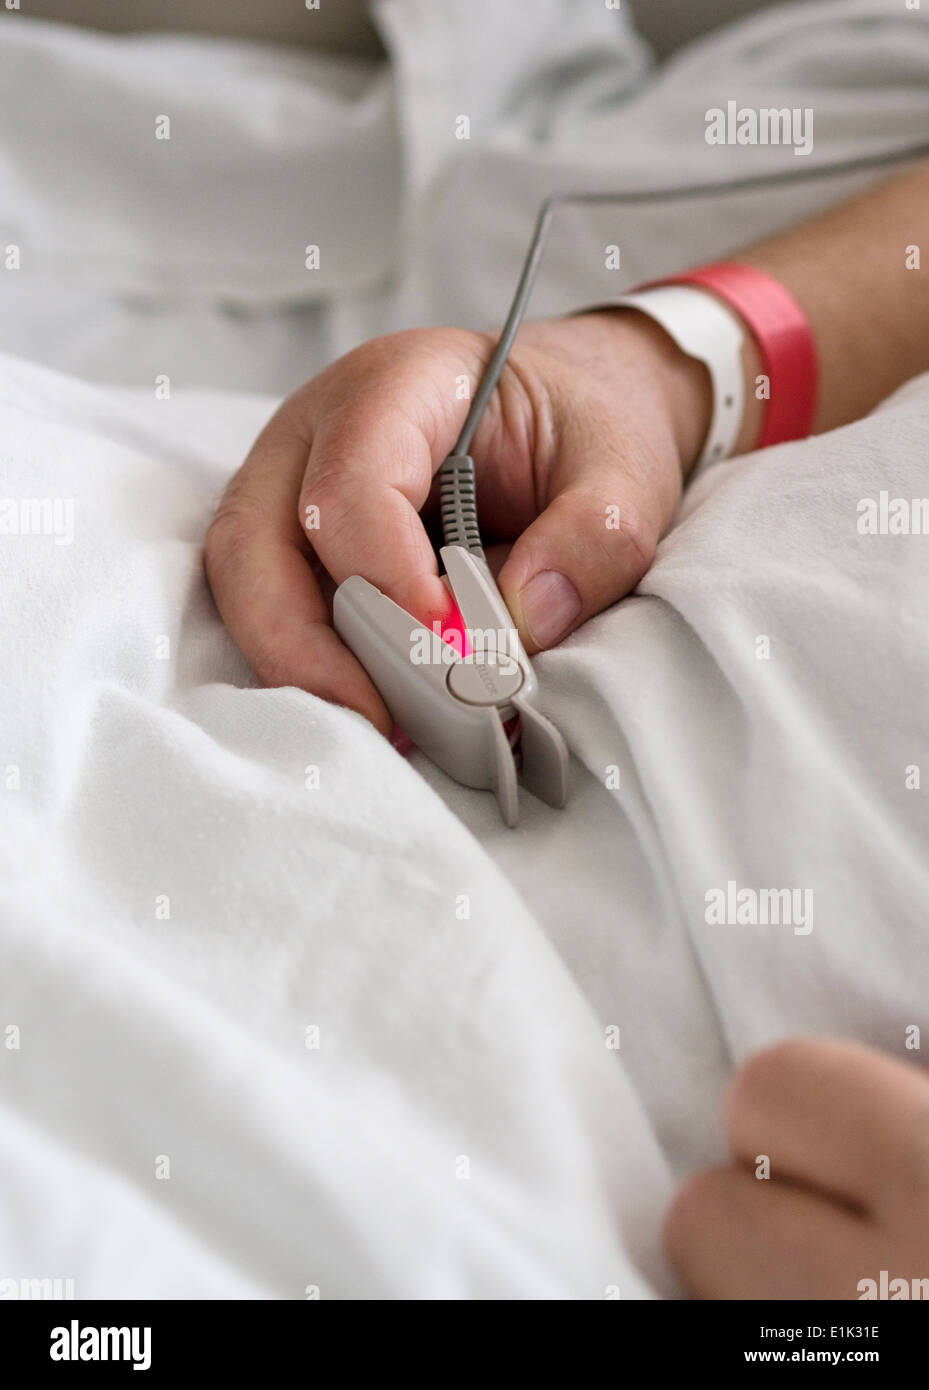 Une sonde à oxygène et le pouls moniteur sur le doigt du patient. Une marque de Nellcor et oxygène moniteur de pouls s'allume sur le doigt d'un patient. Photo Stock